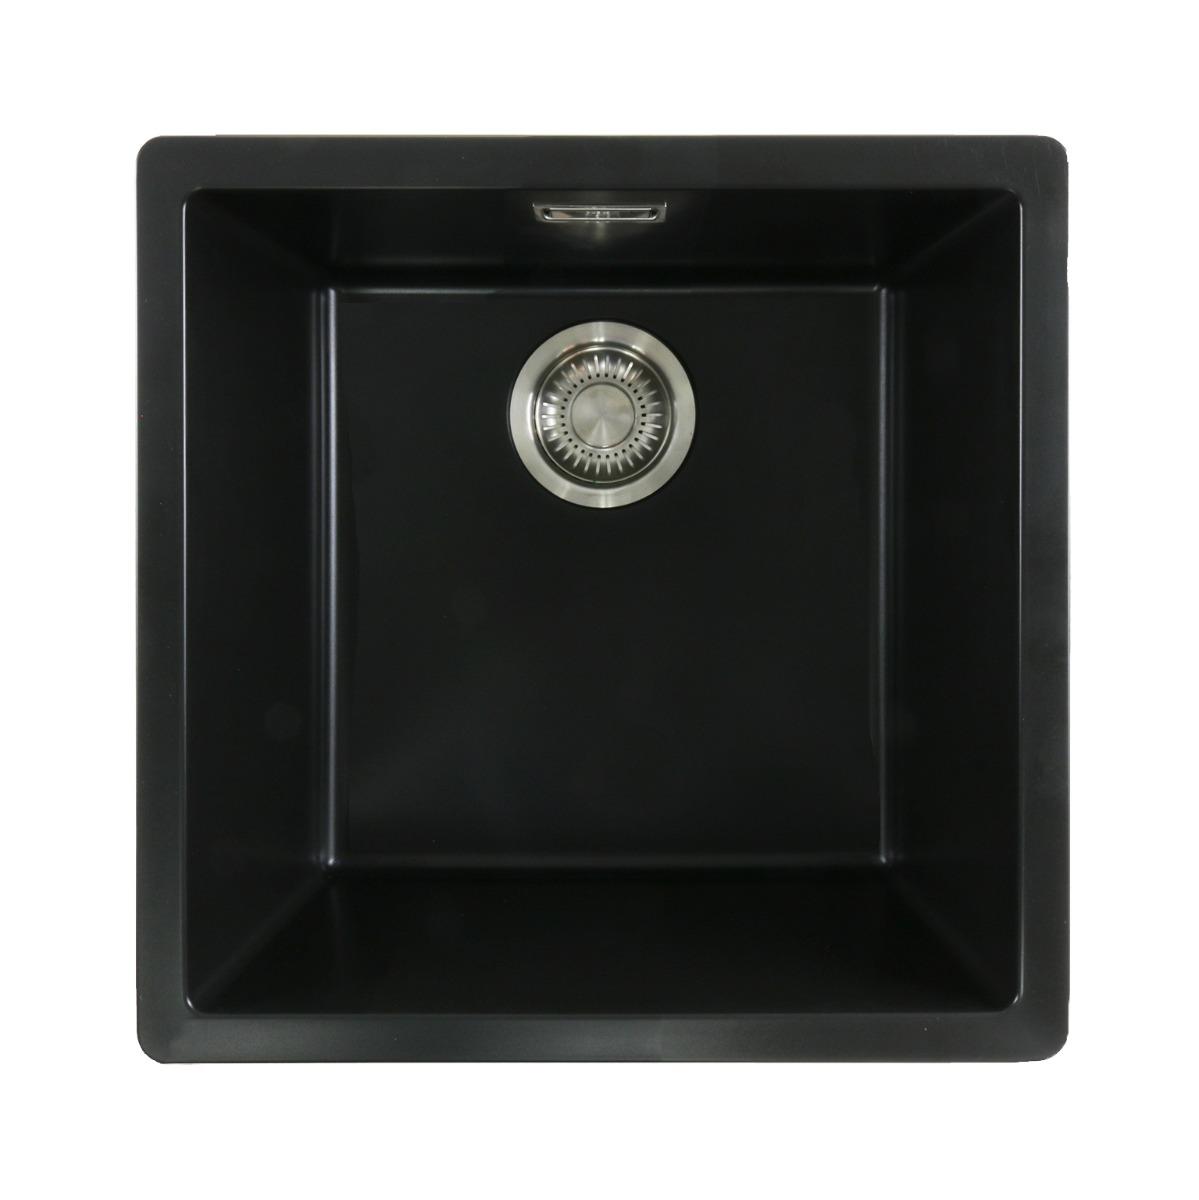 Mizzo Ambro 40-40 spoelbak onderbouw/opbouw – zwart | 8719699304277 | BL400400